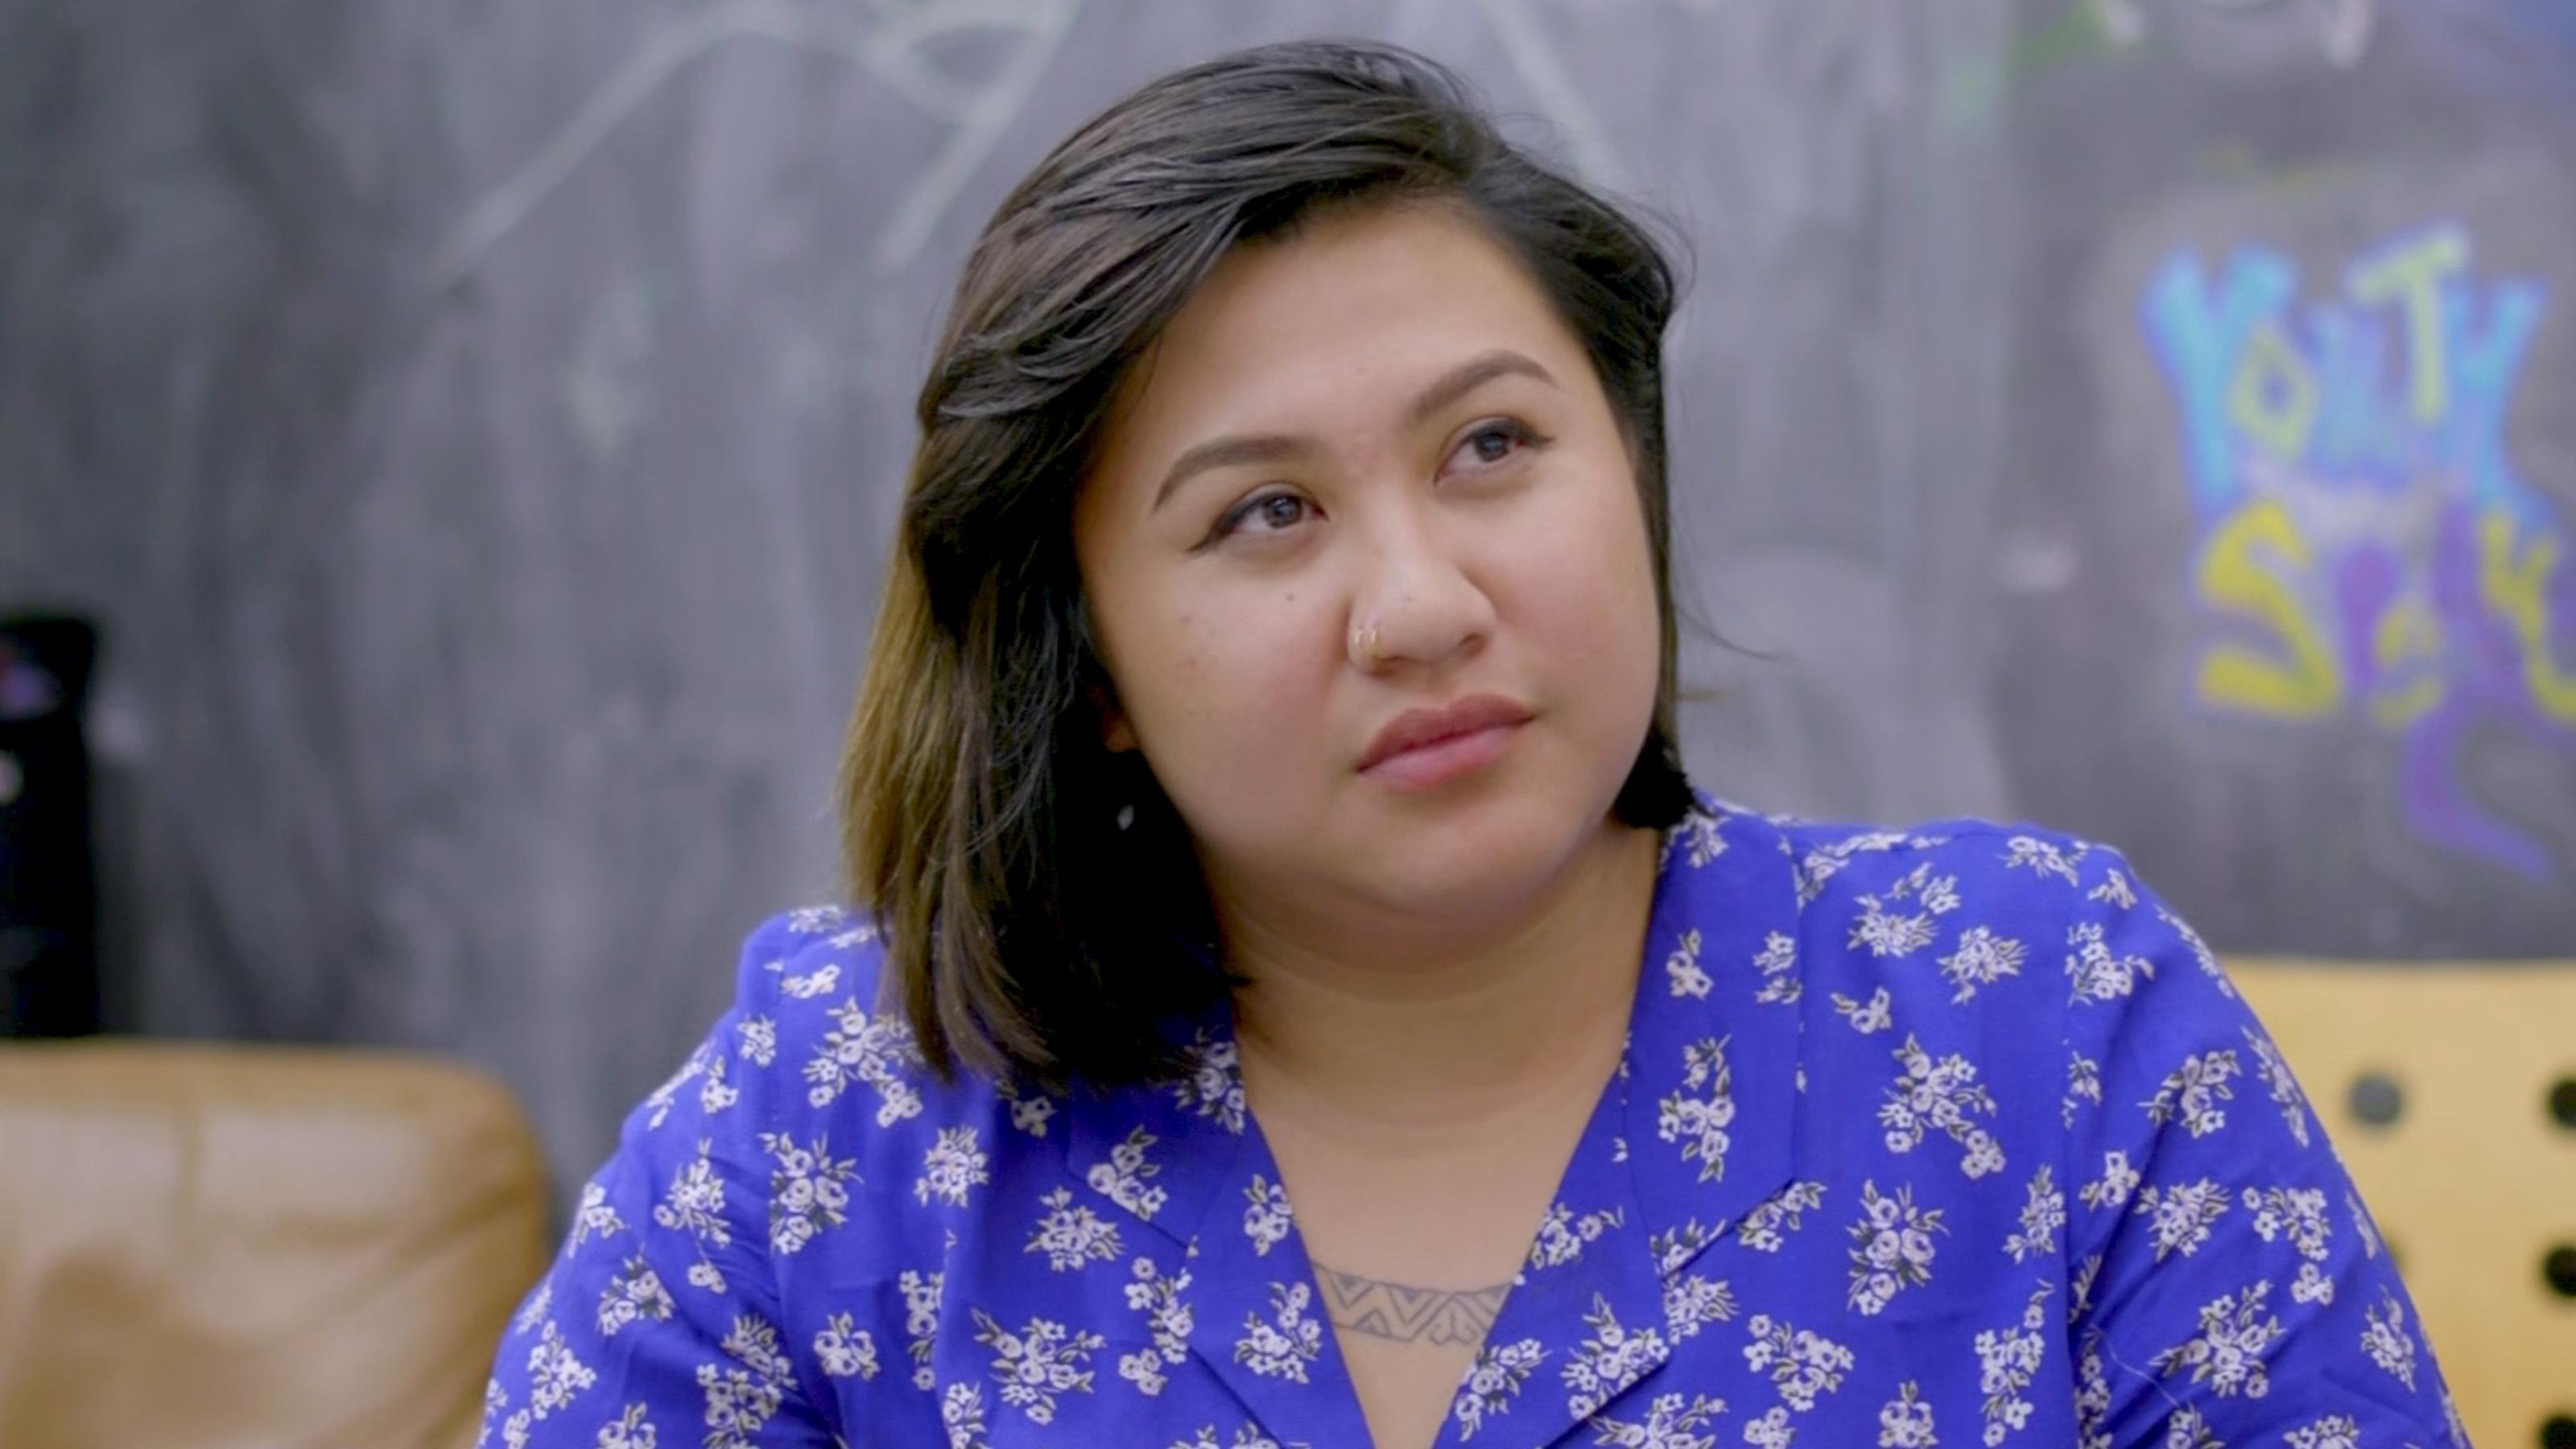 Portrait of Gretchen Carvajal in a blue print dress